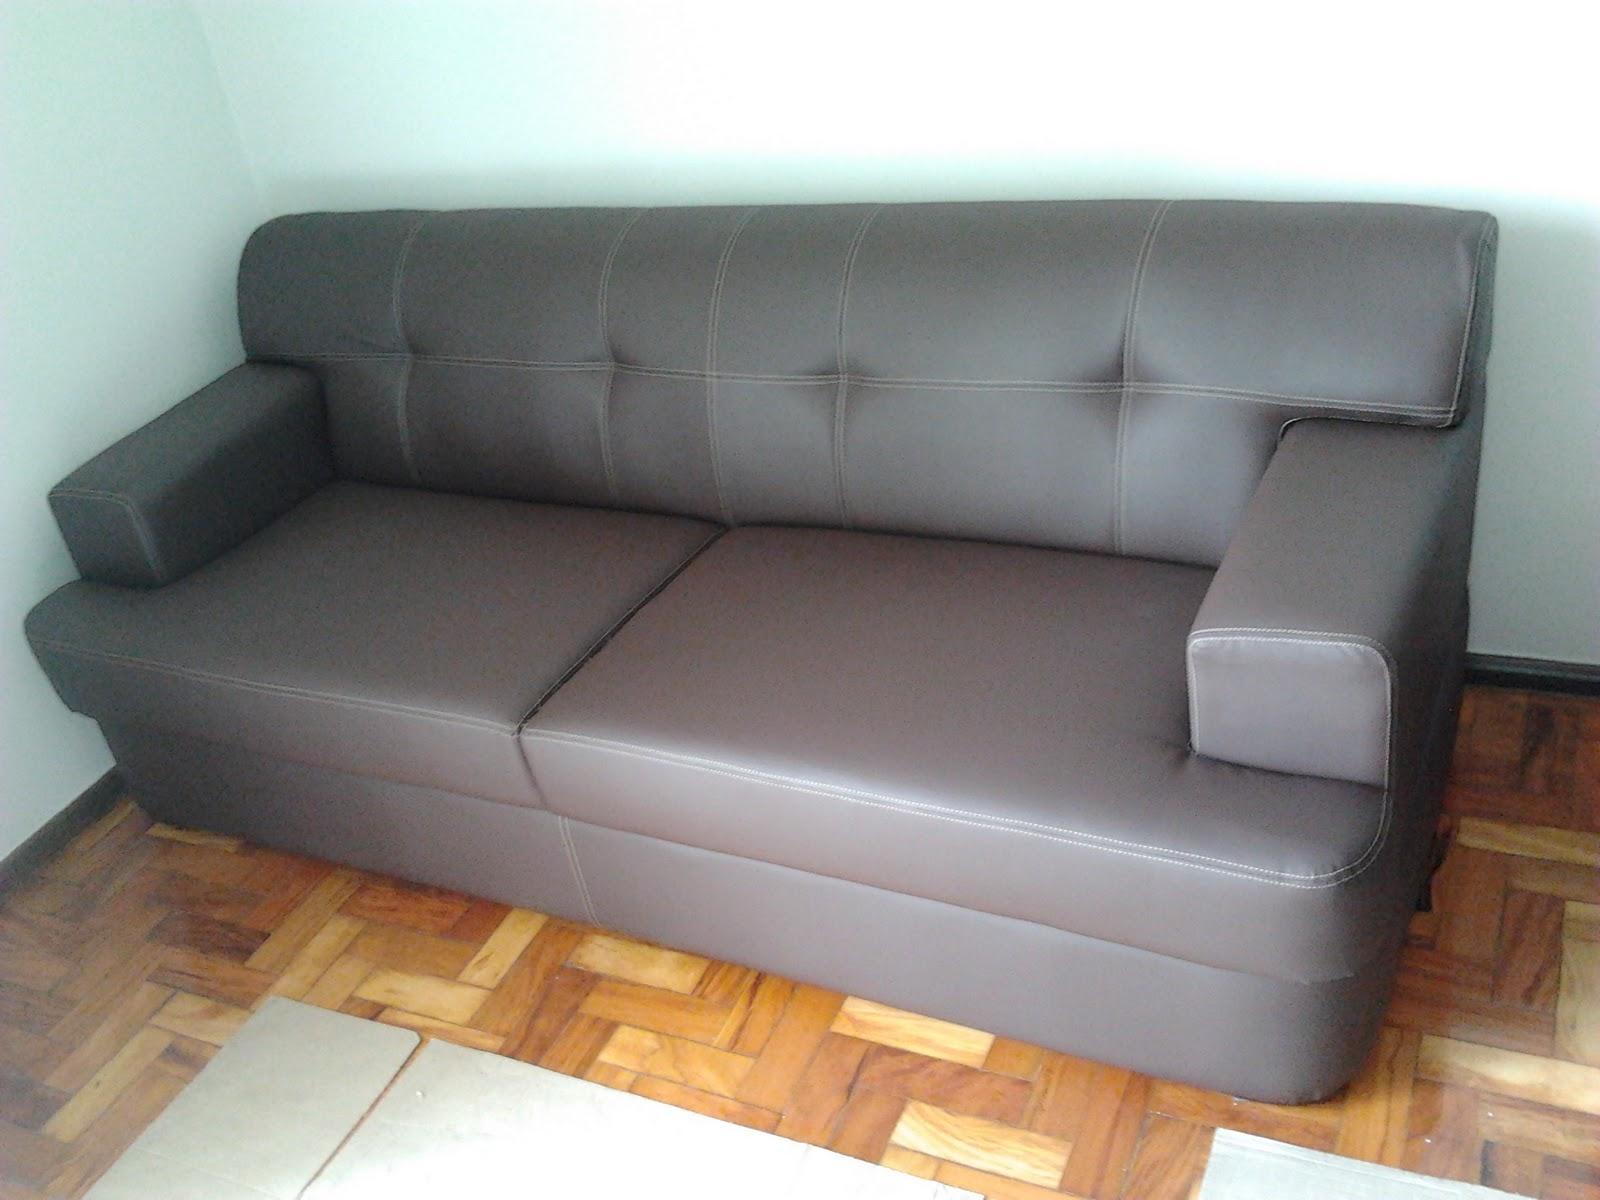 Rack e aparador da Rudnick e sofá da Cine Estofados (Modelo Cine  #A87123 1600x1200